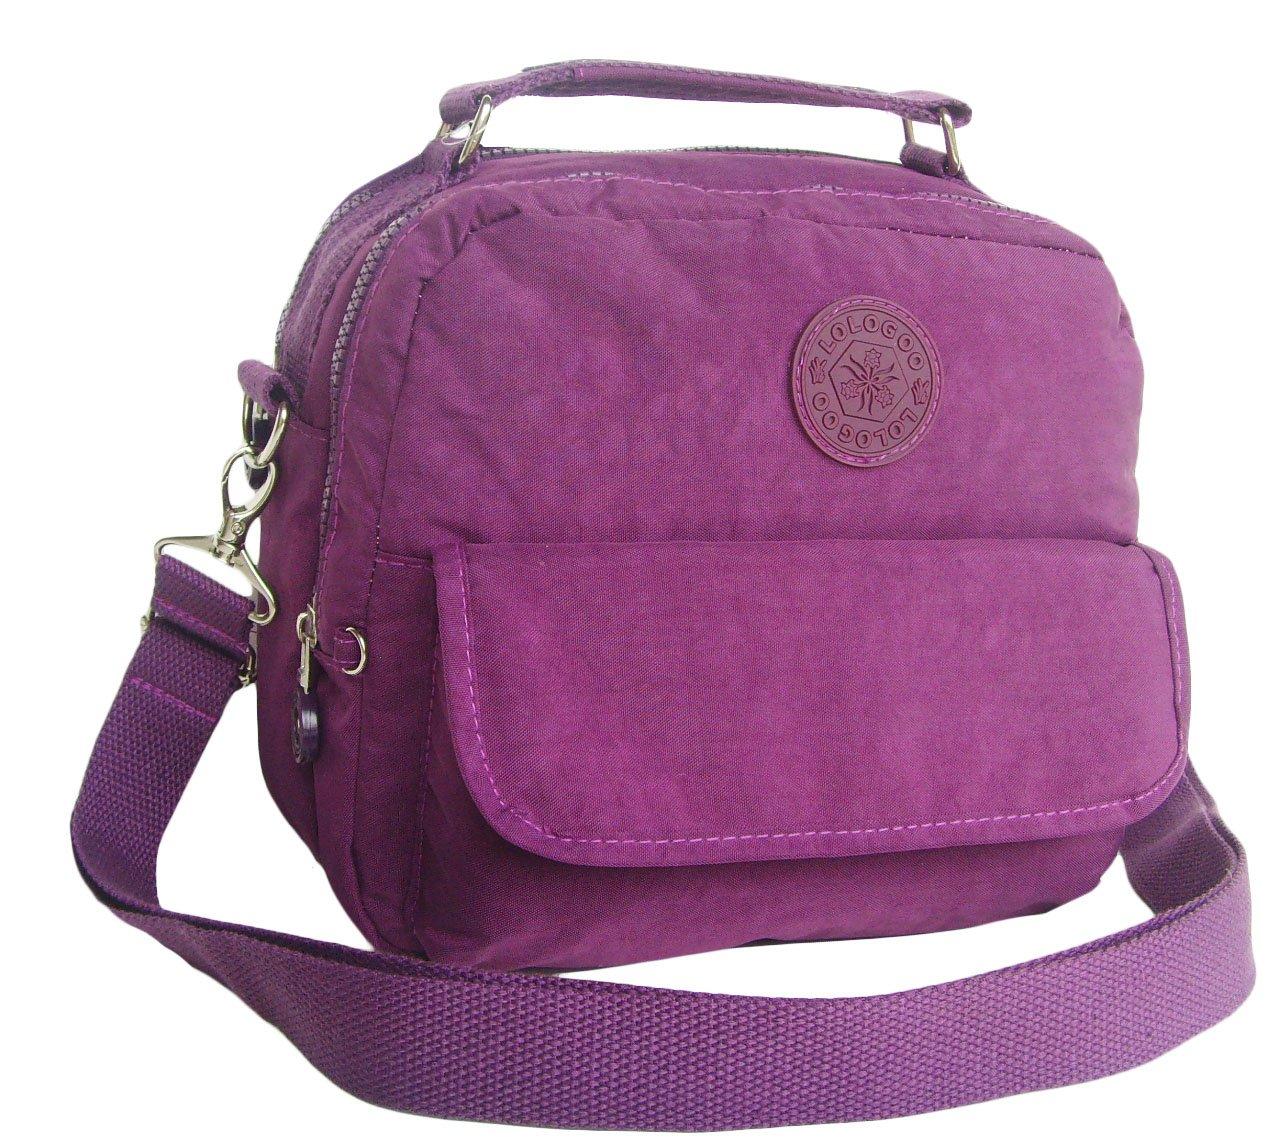 HONG YE Pure Stripe Slouch Bag,sku:hb76purple4